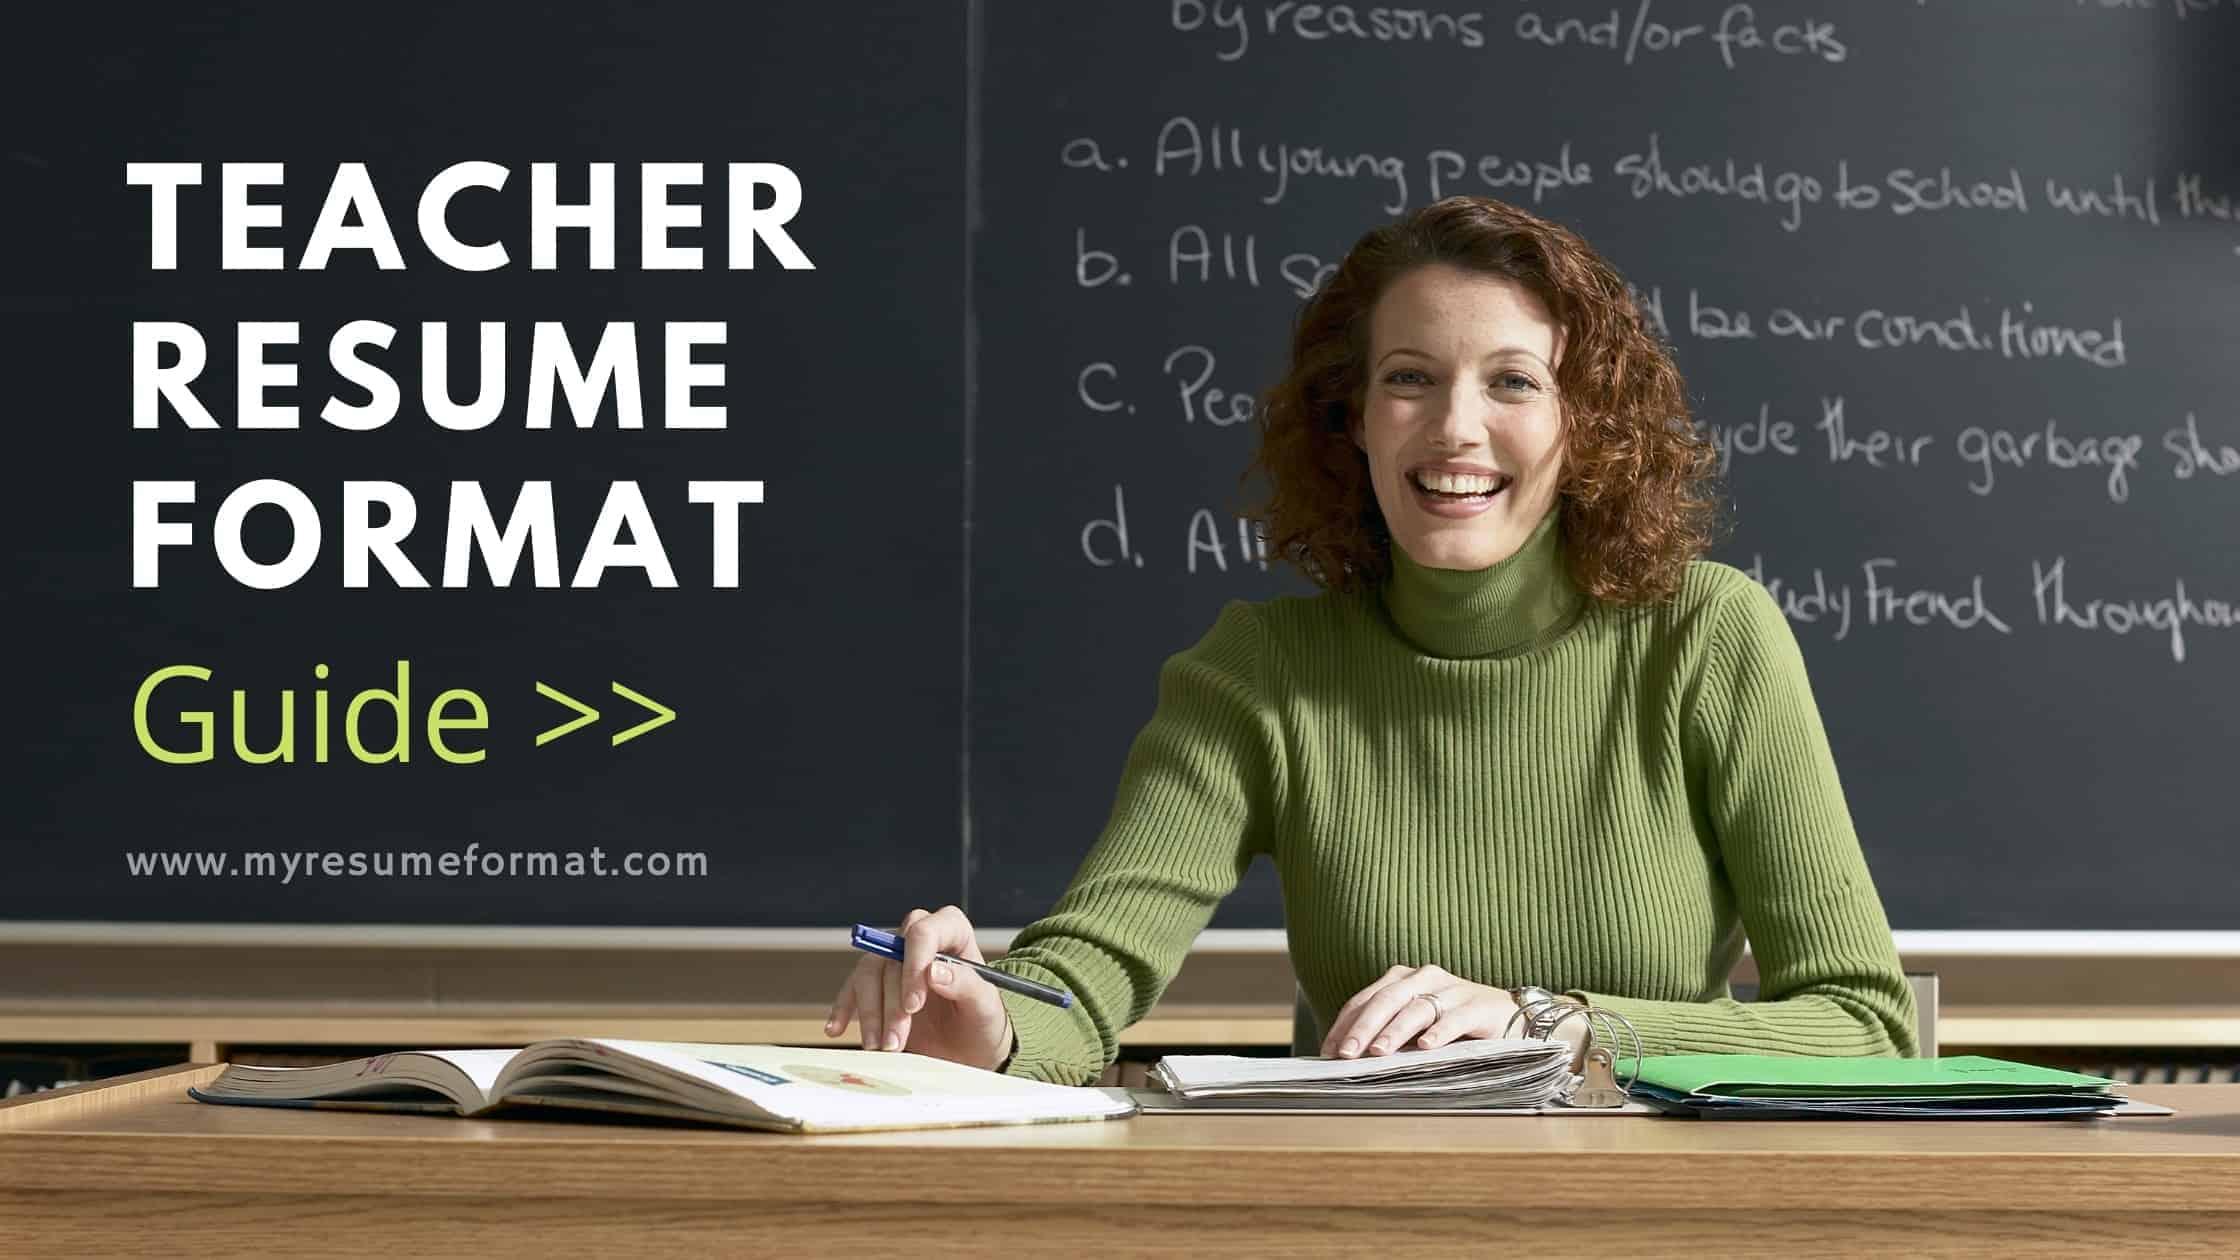 Teacher Resume Format